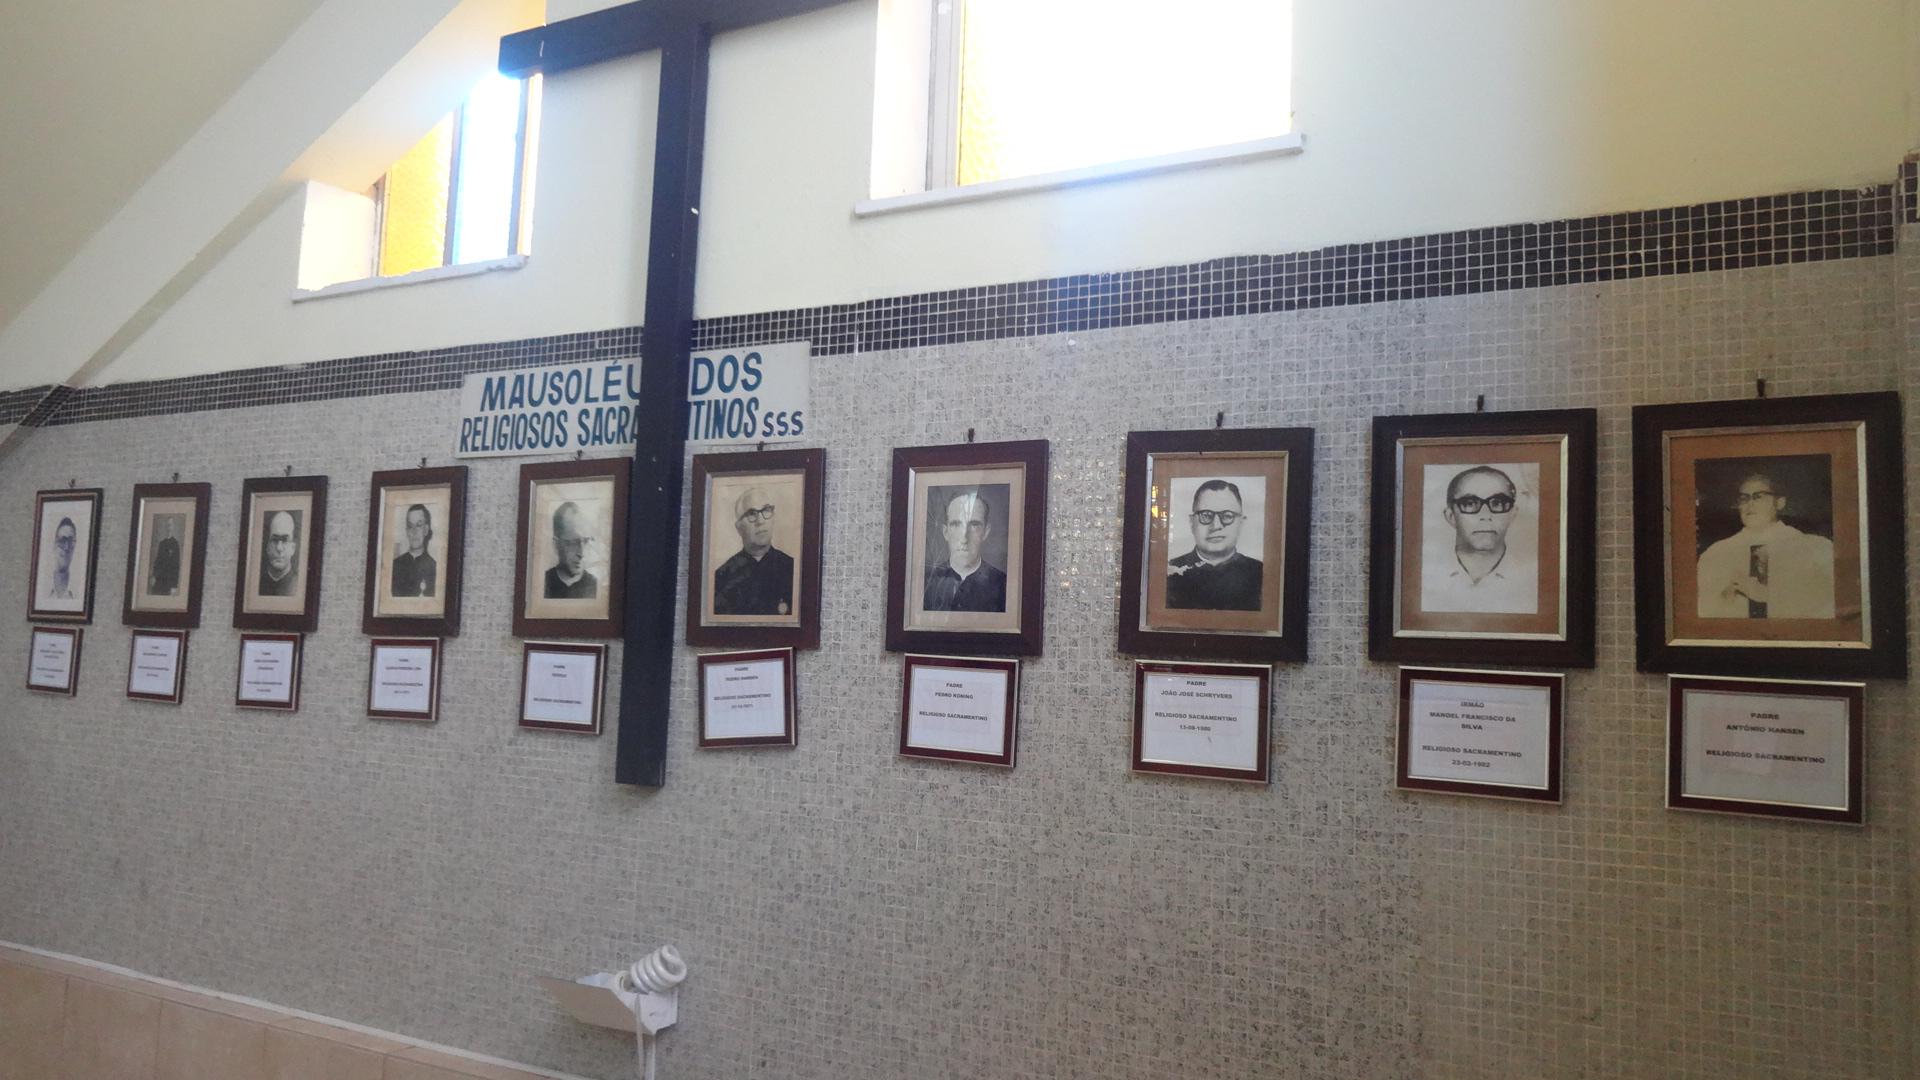 Padres e Bispos de Fortaleza são sepultados em mausoléus dentro de igrejas